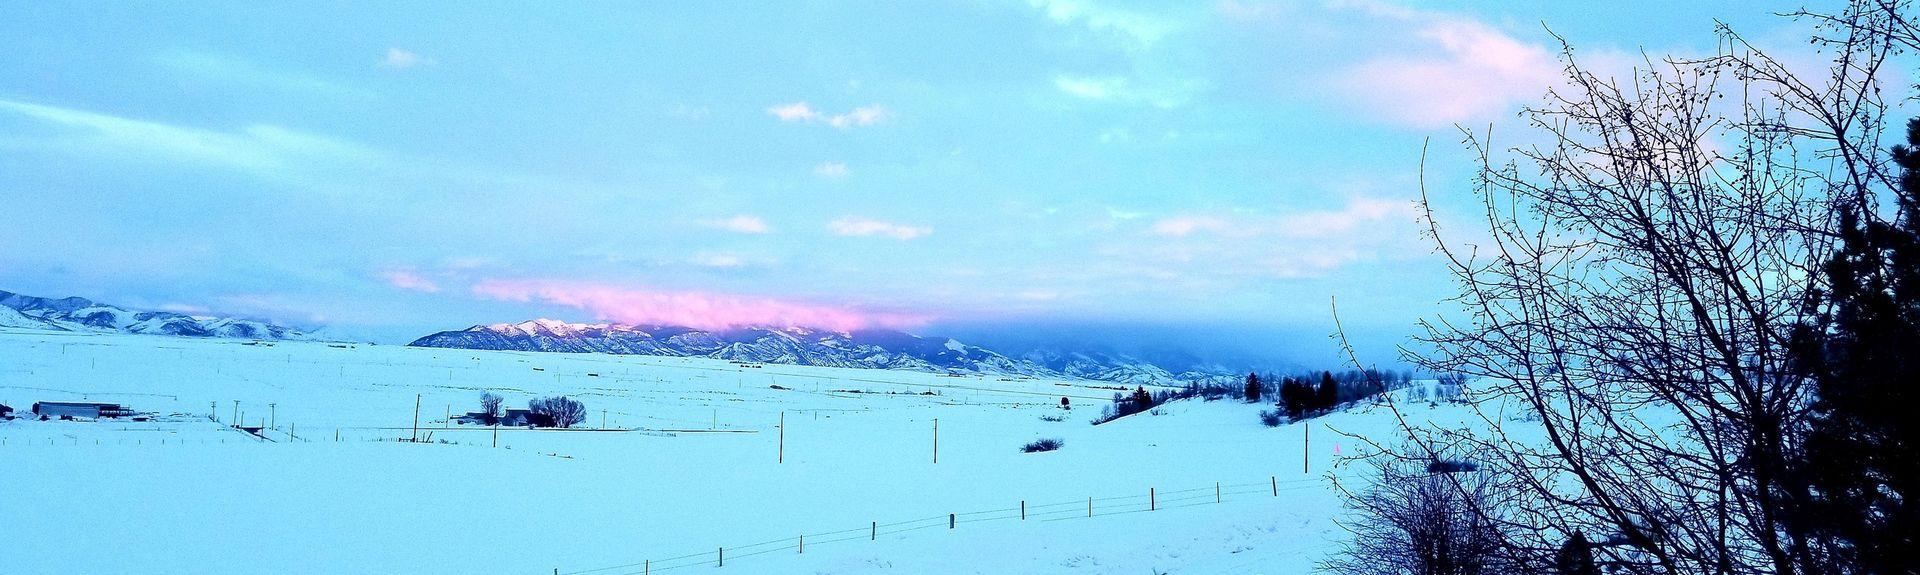 Pebble Creekin hiihtokeskus, Inkom, Idaho, Yhdysvallat